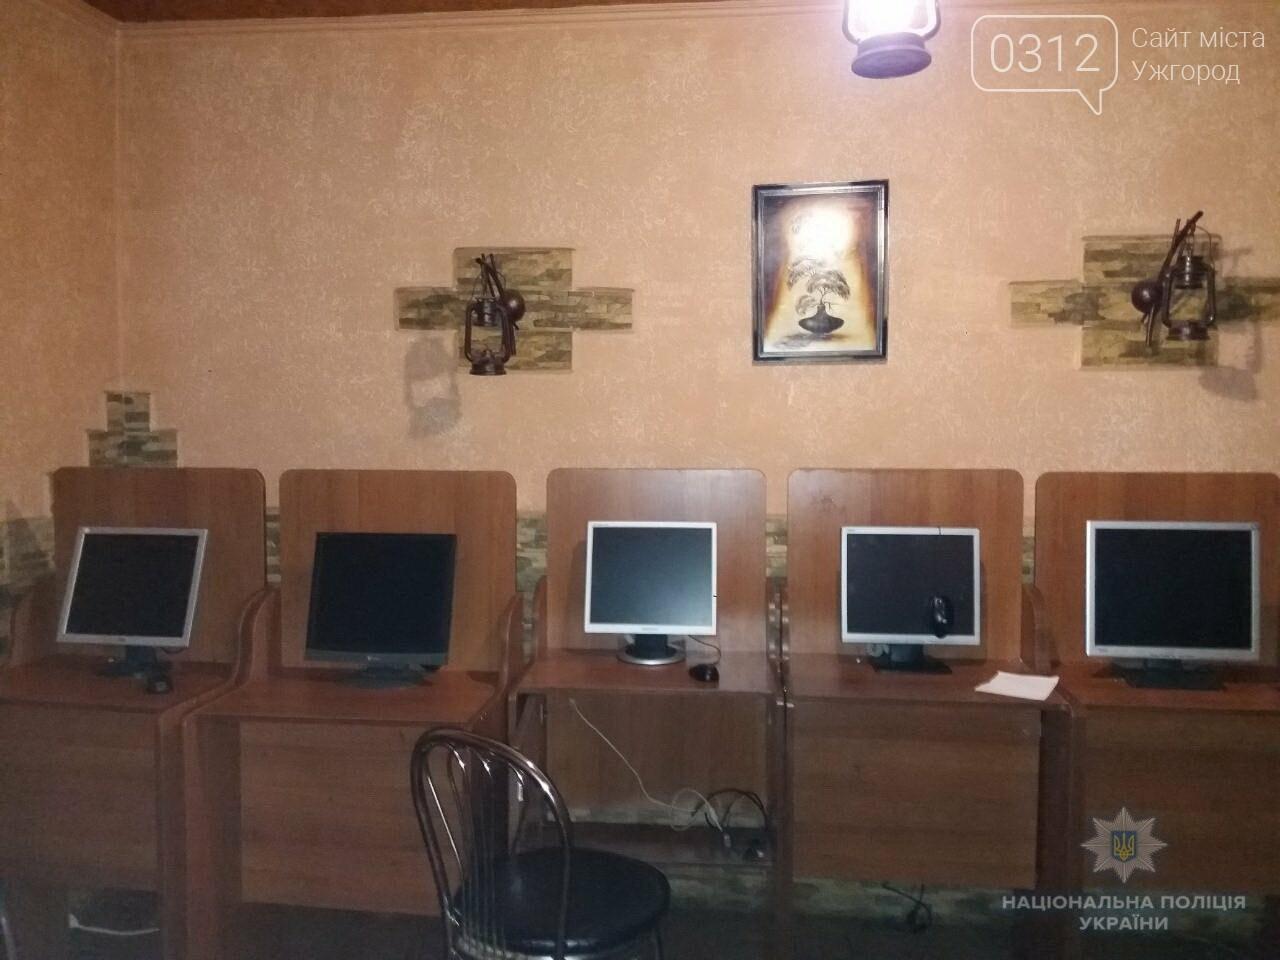 """В Іршаві люди допомогли поліції """"накрити"""" ігровий зал, захований у кафе (ФОТО), фото-1"""